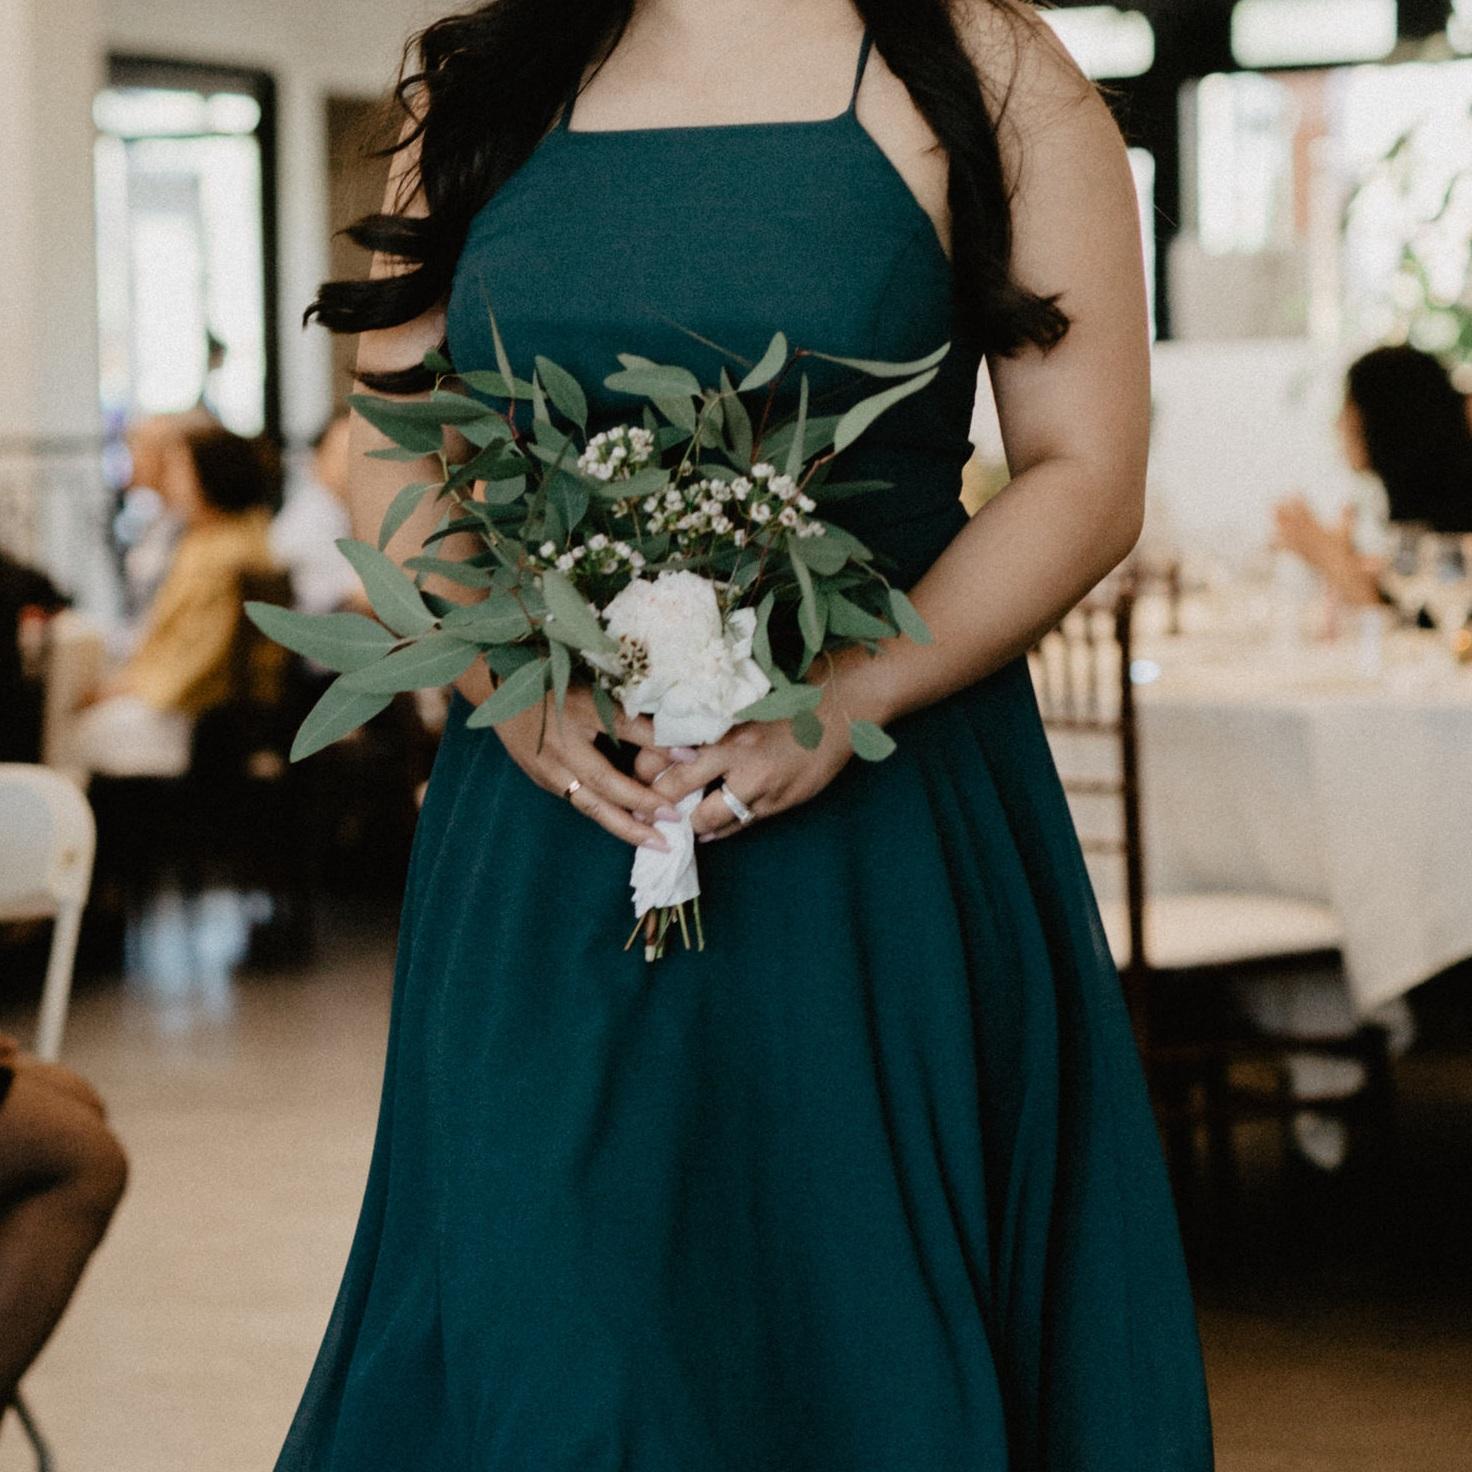 jessicathomas_wedding_eicharphotography473of1222.jpg